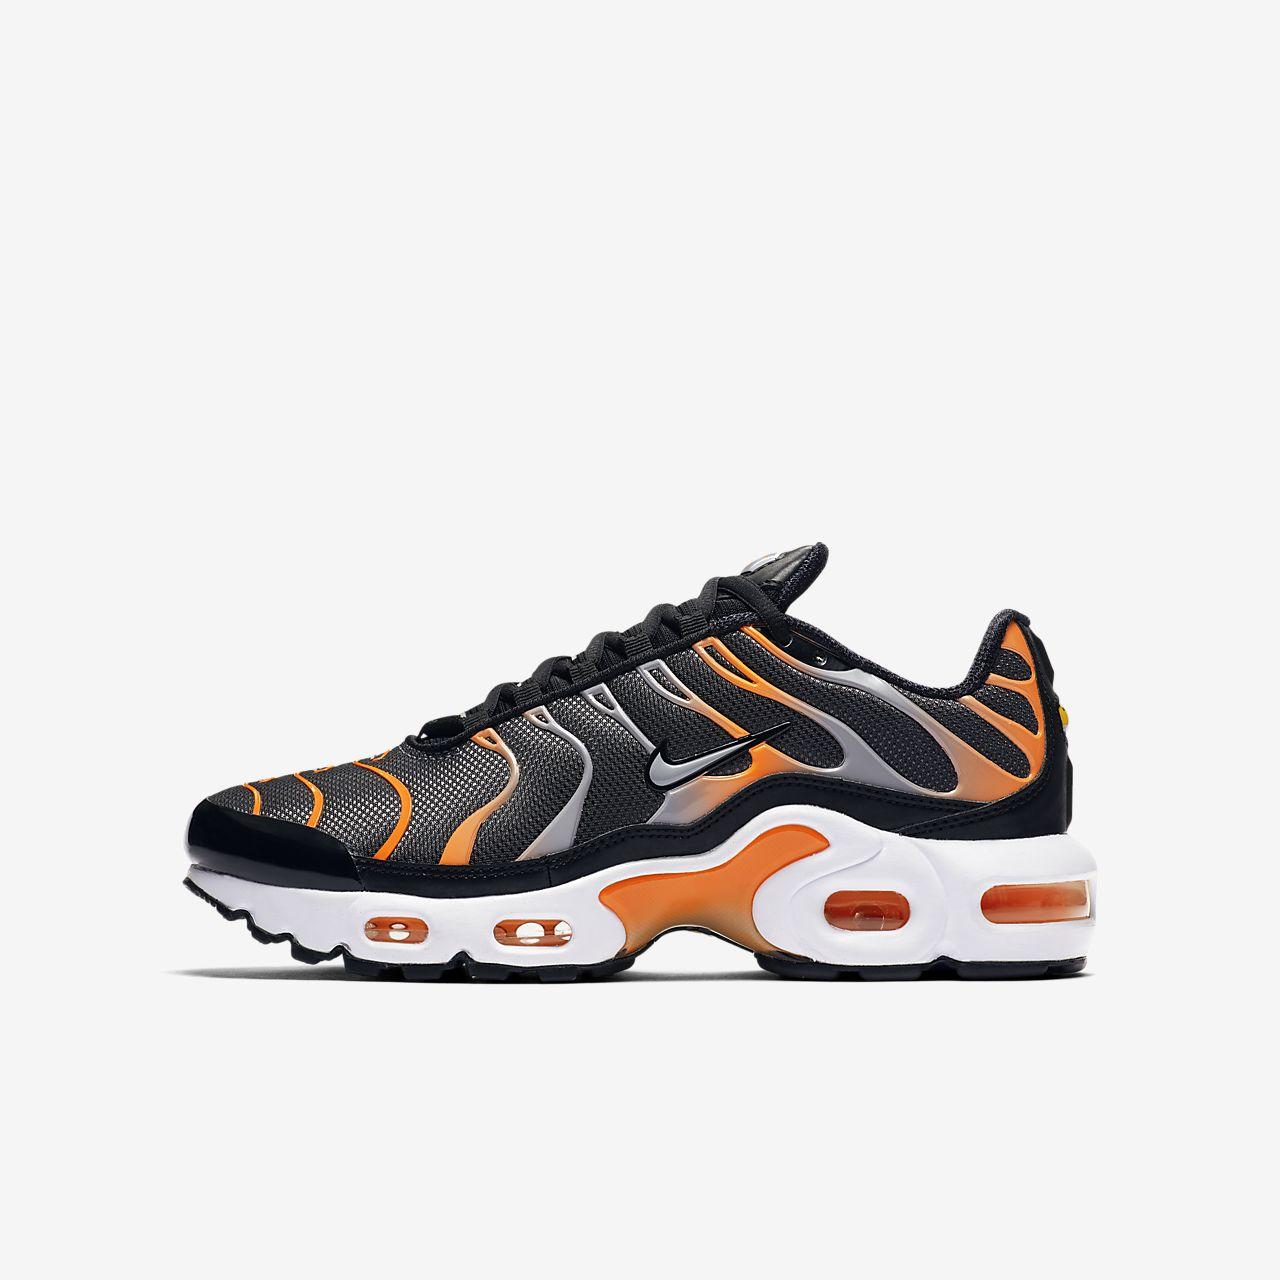 chaussures air max nike